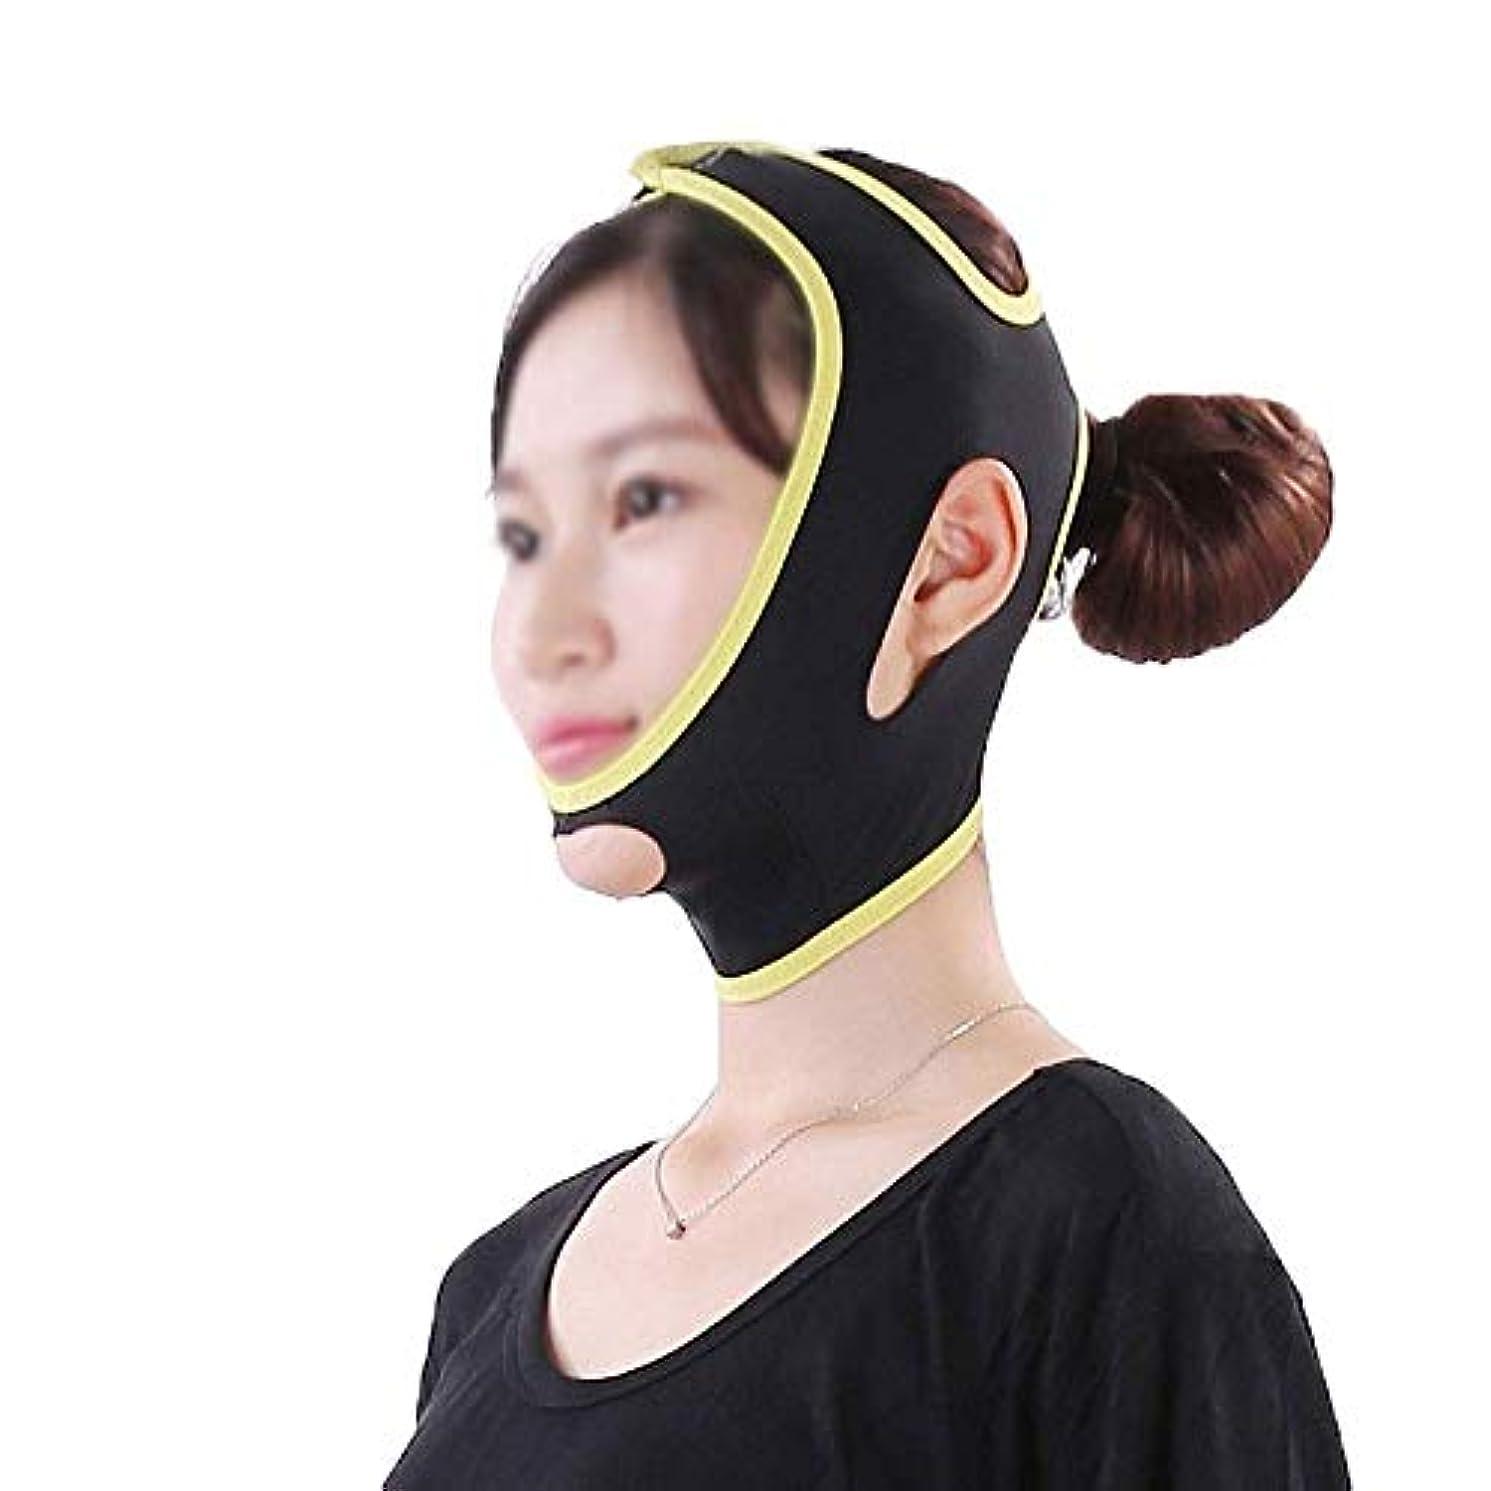 どういたしまして可動ラベンダーフェイス&ネックリフト、フェイスリフトマスク強力なフェイスマスクフェイスリフトアーチファクトフェイスリフティングフェイスリフティングツールフェイスリフティング包帯シンフェイスマスク美容マスク(サイズ:L)